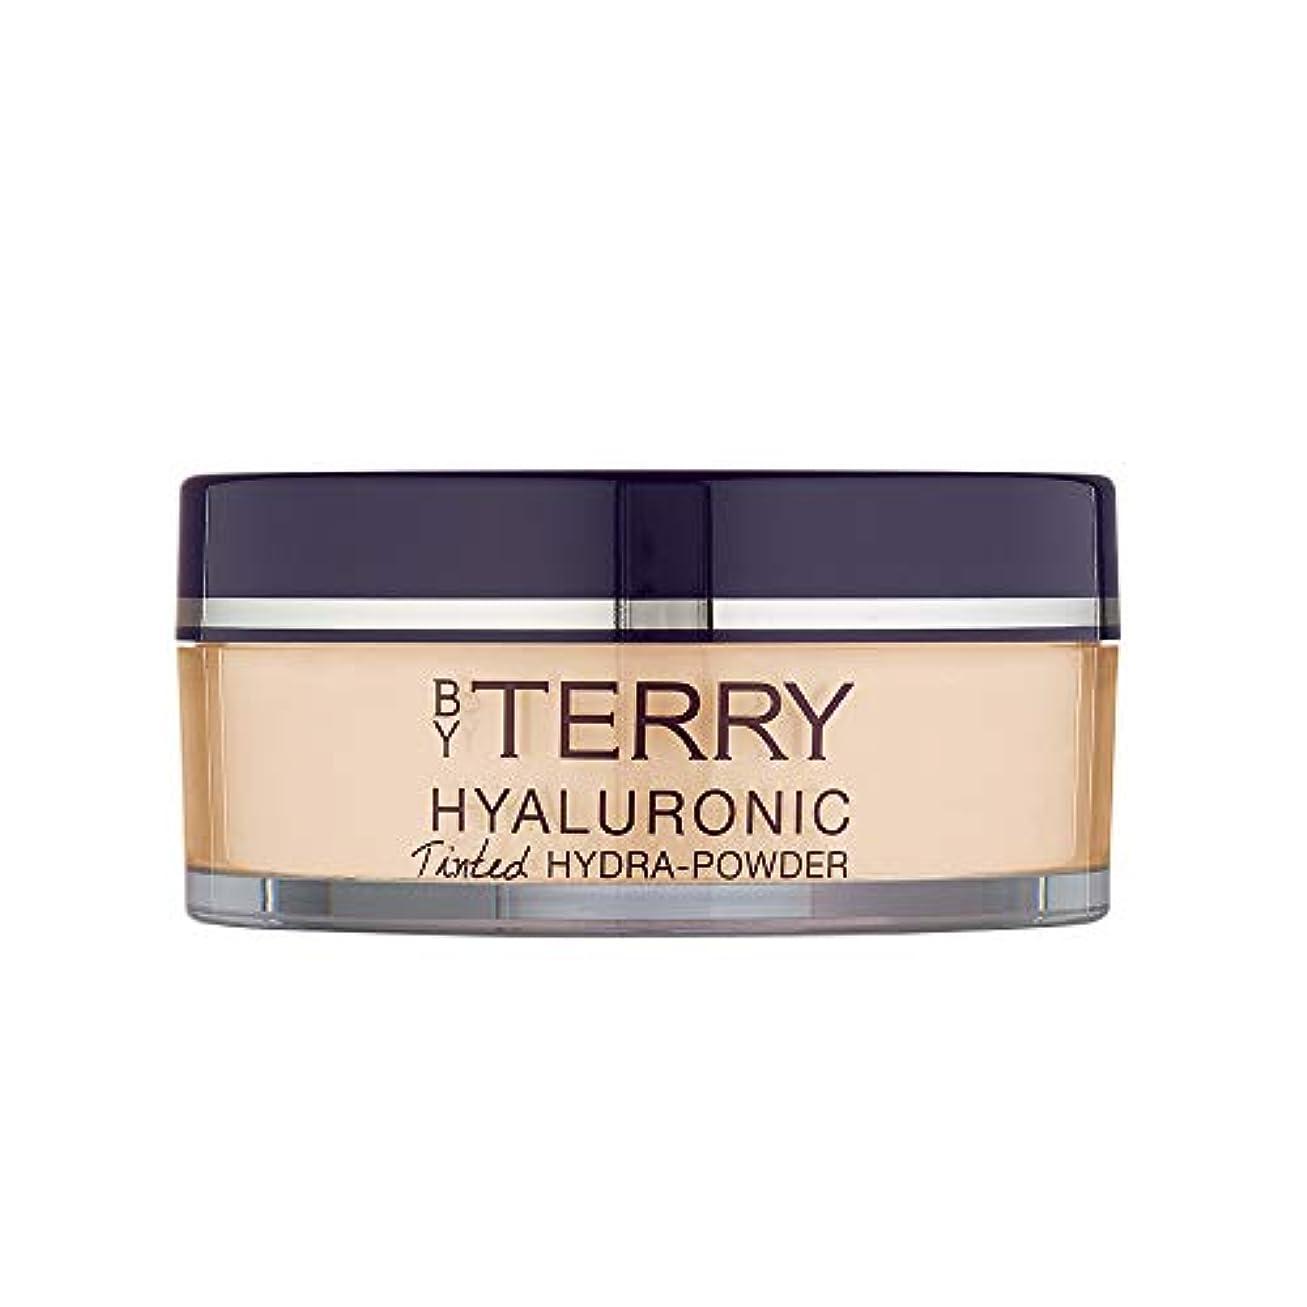 用心深いもっと少なくベットバイテリー Hyaluronic Tinted Hydra Care Setting Powder - # 100 Fair 10g/0.35oz並行輸入品